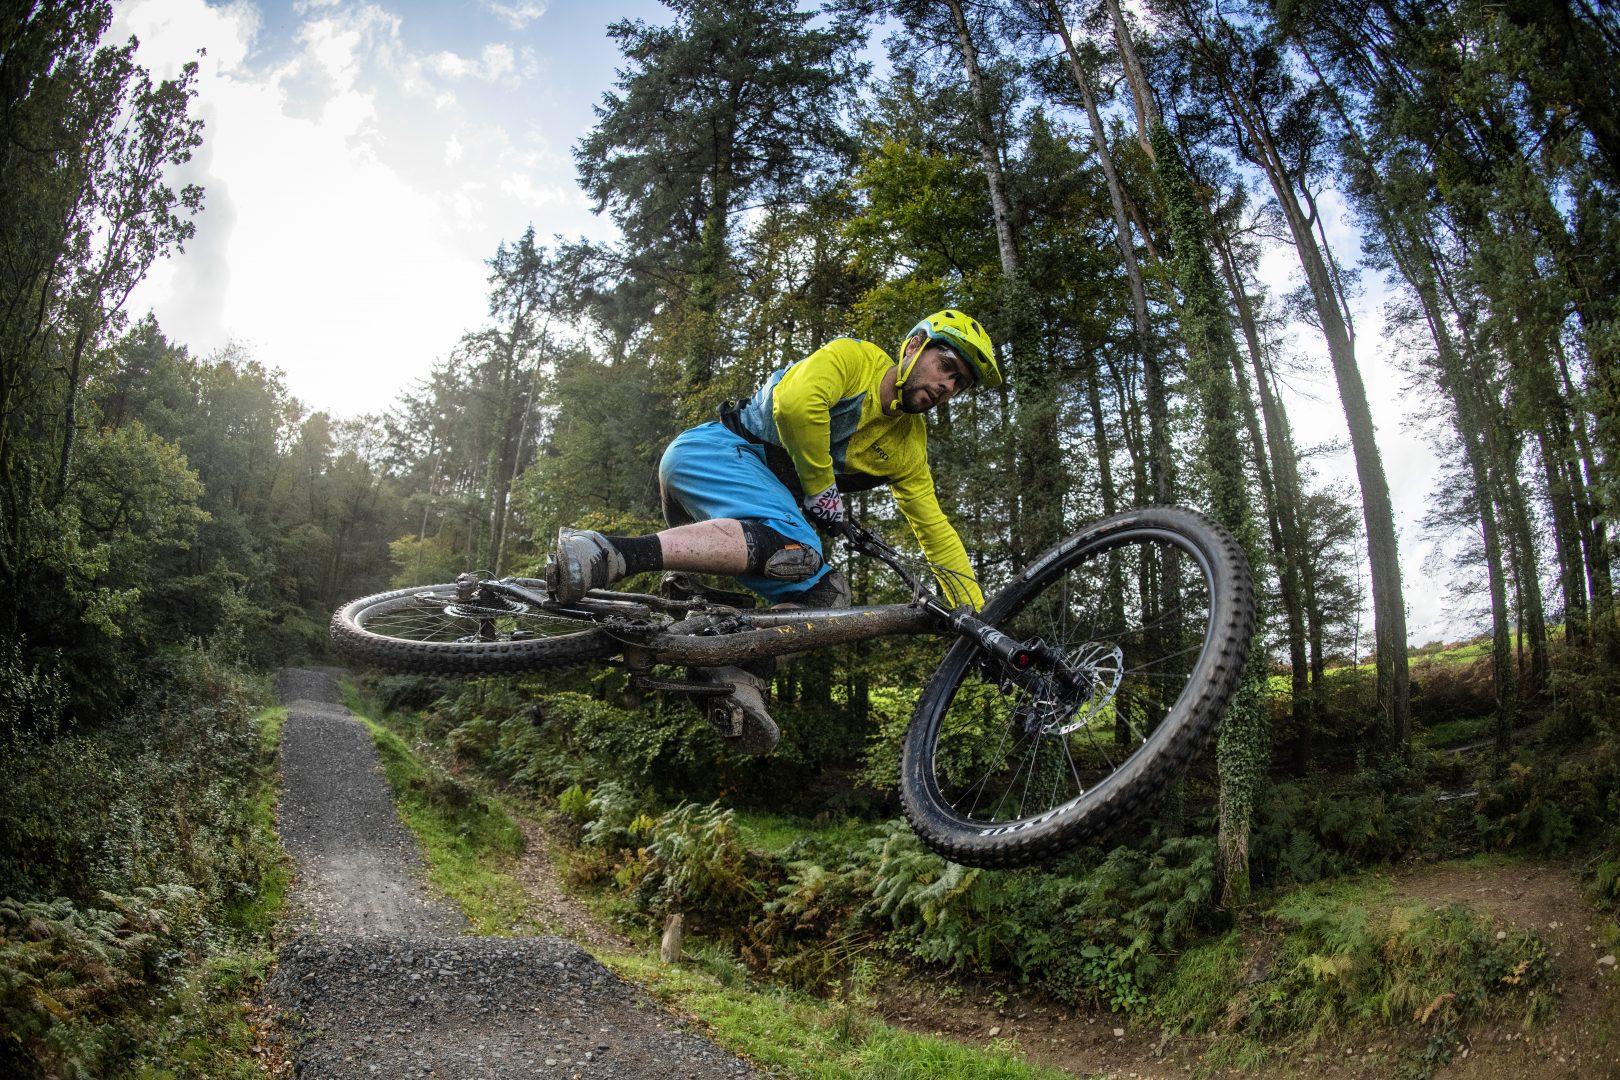 Będzie co testować – Marin Bikes na Joy Ride Days w Szczyrku